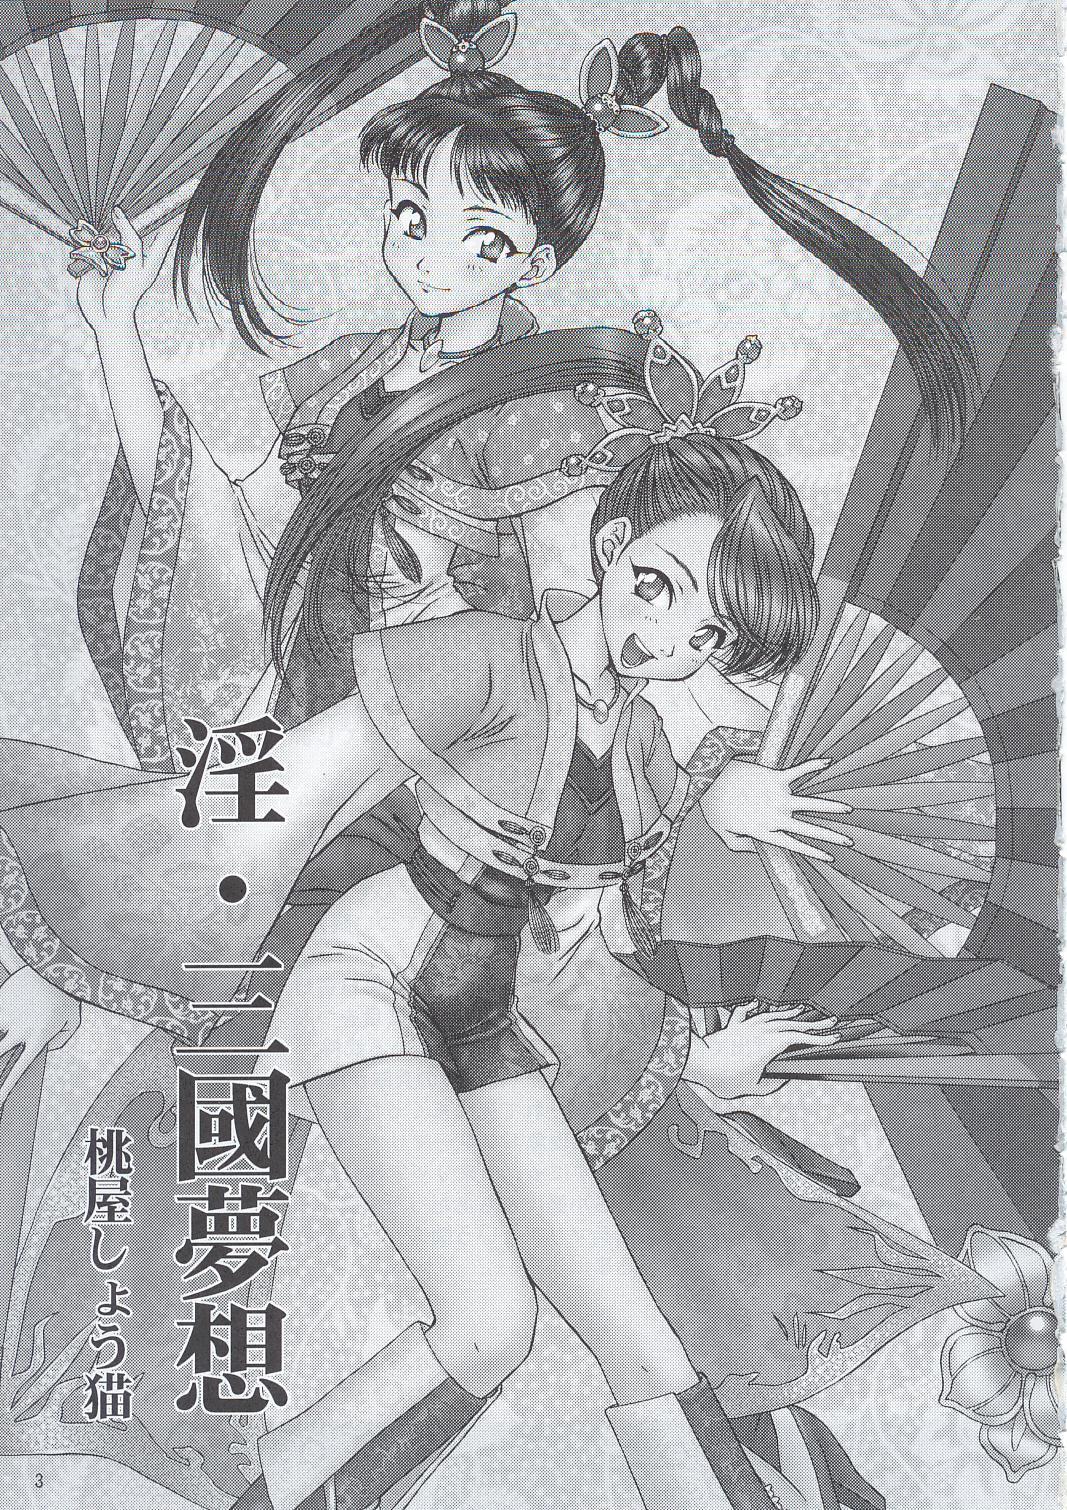 In Sangoku Musou 1